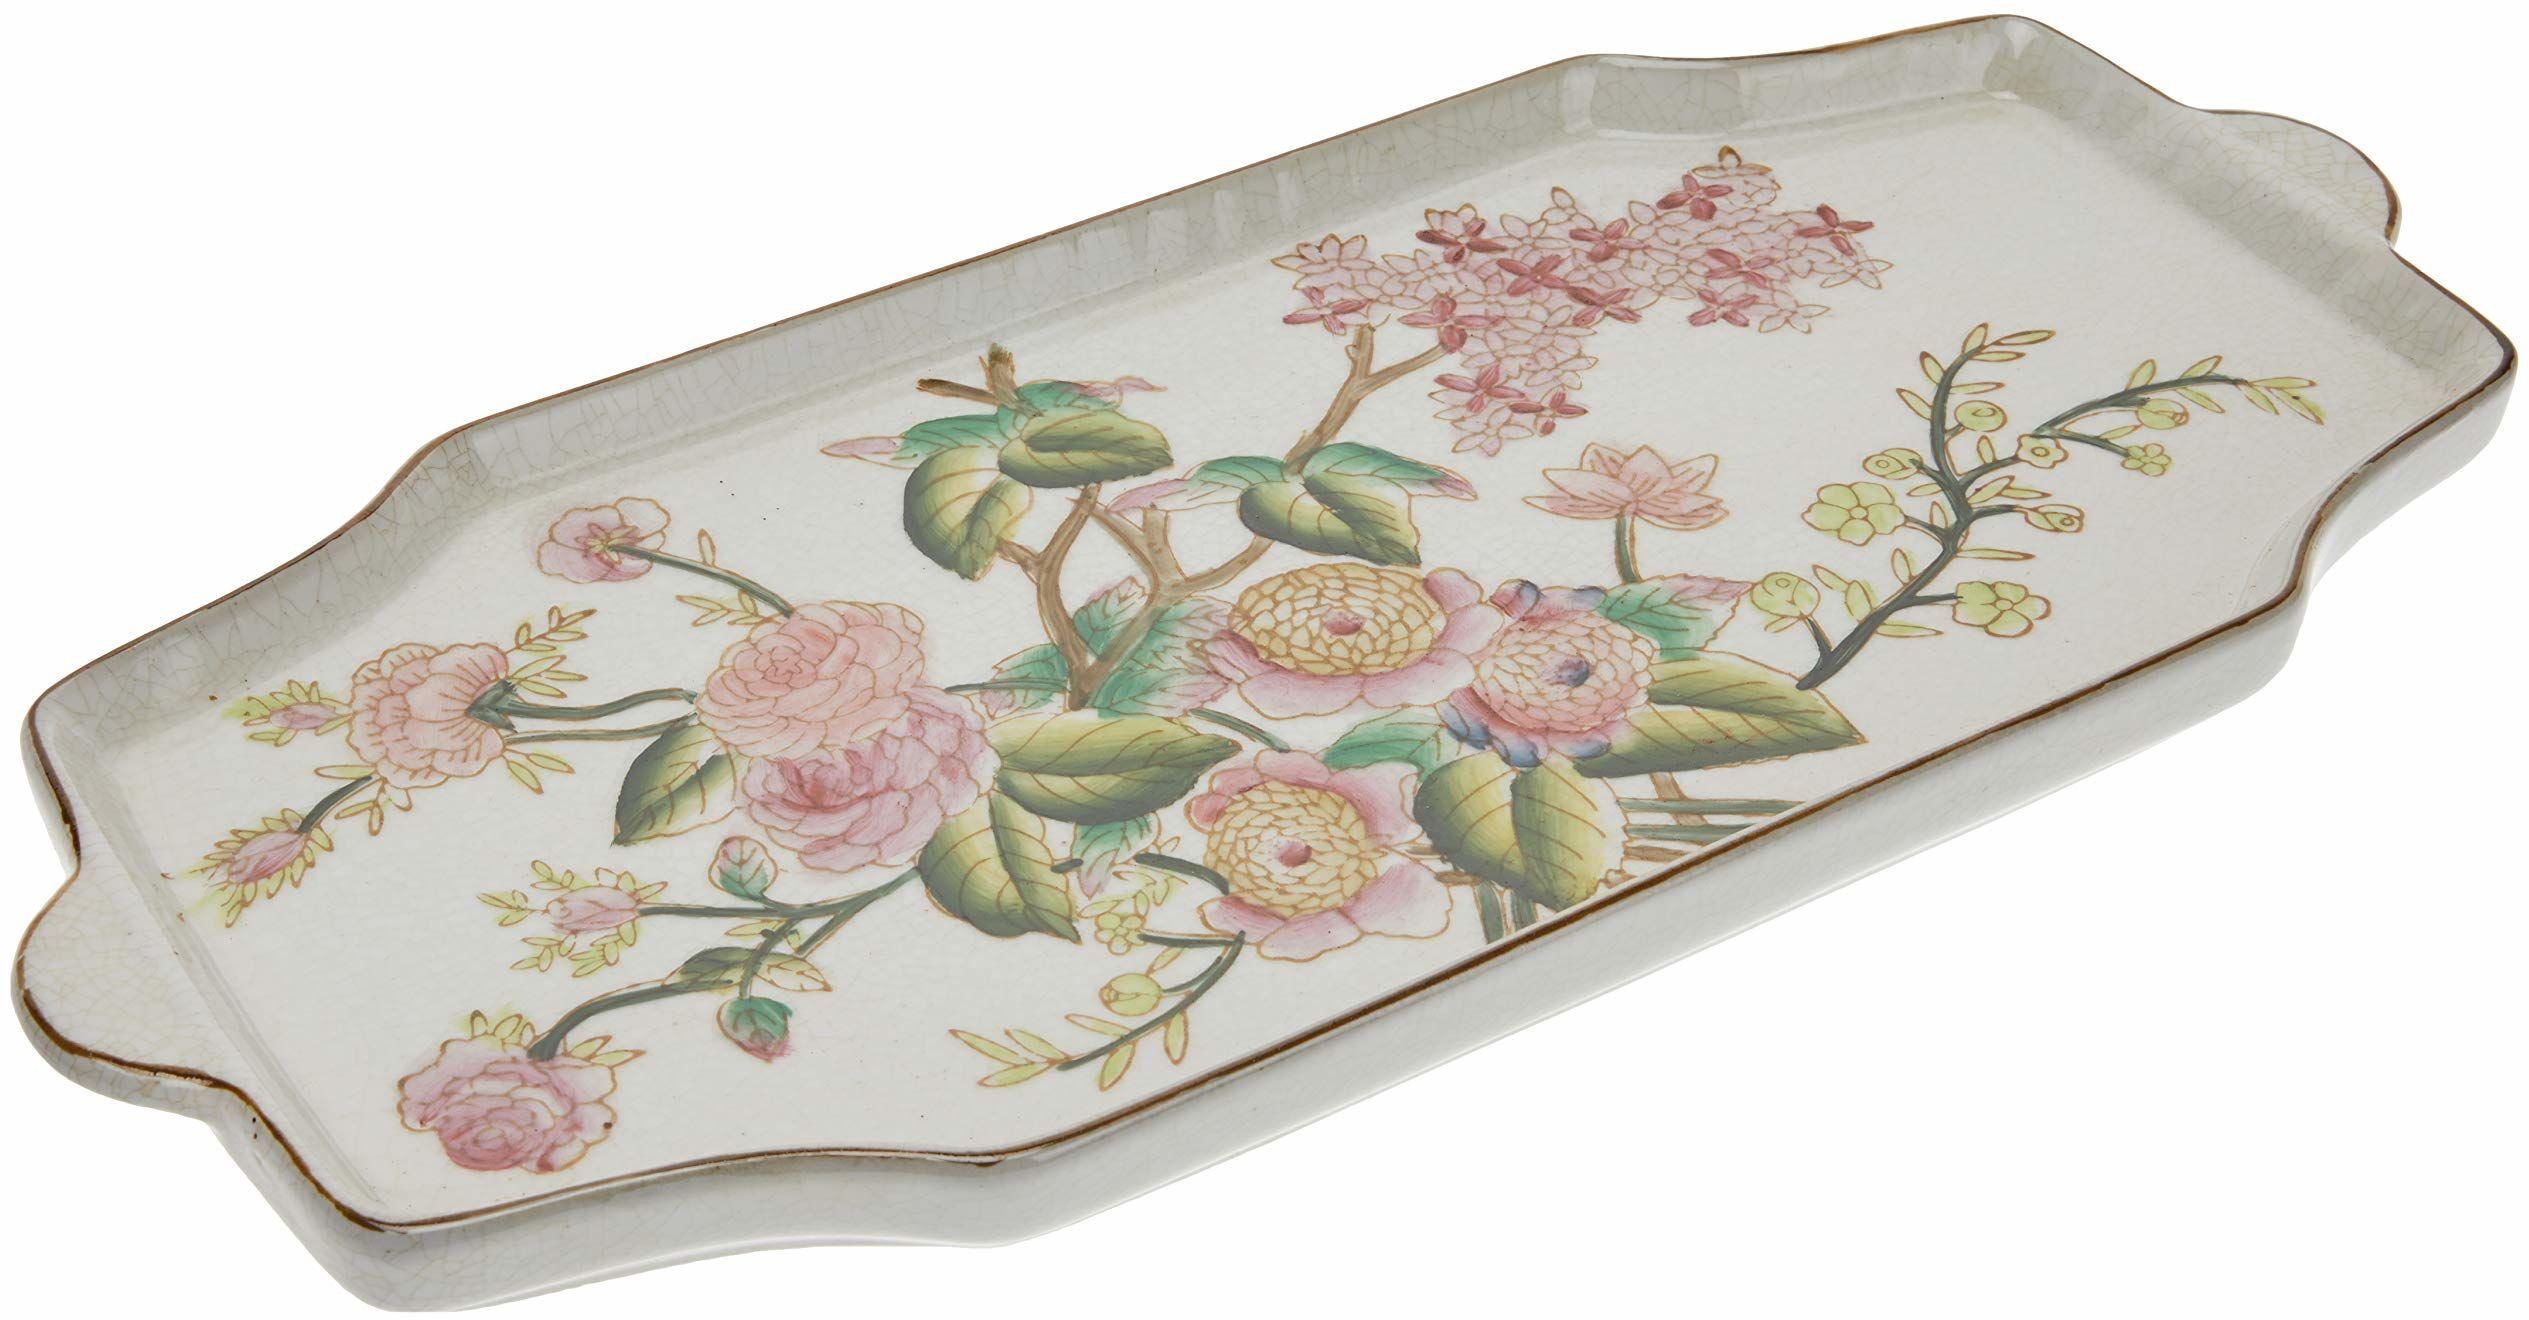 Better & Best Plumcake źródło z rysunkiem wielbłąda, ceramika, różowa, zielona i biała, 39,5 x 17 x 5 cm